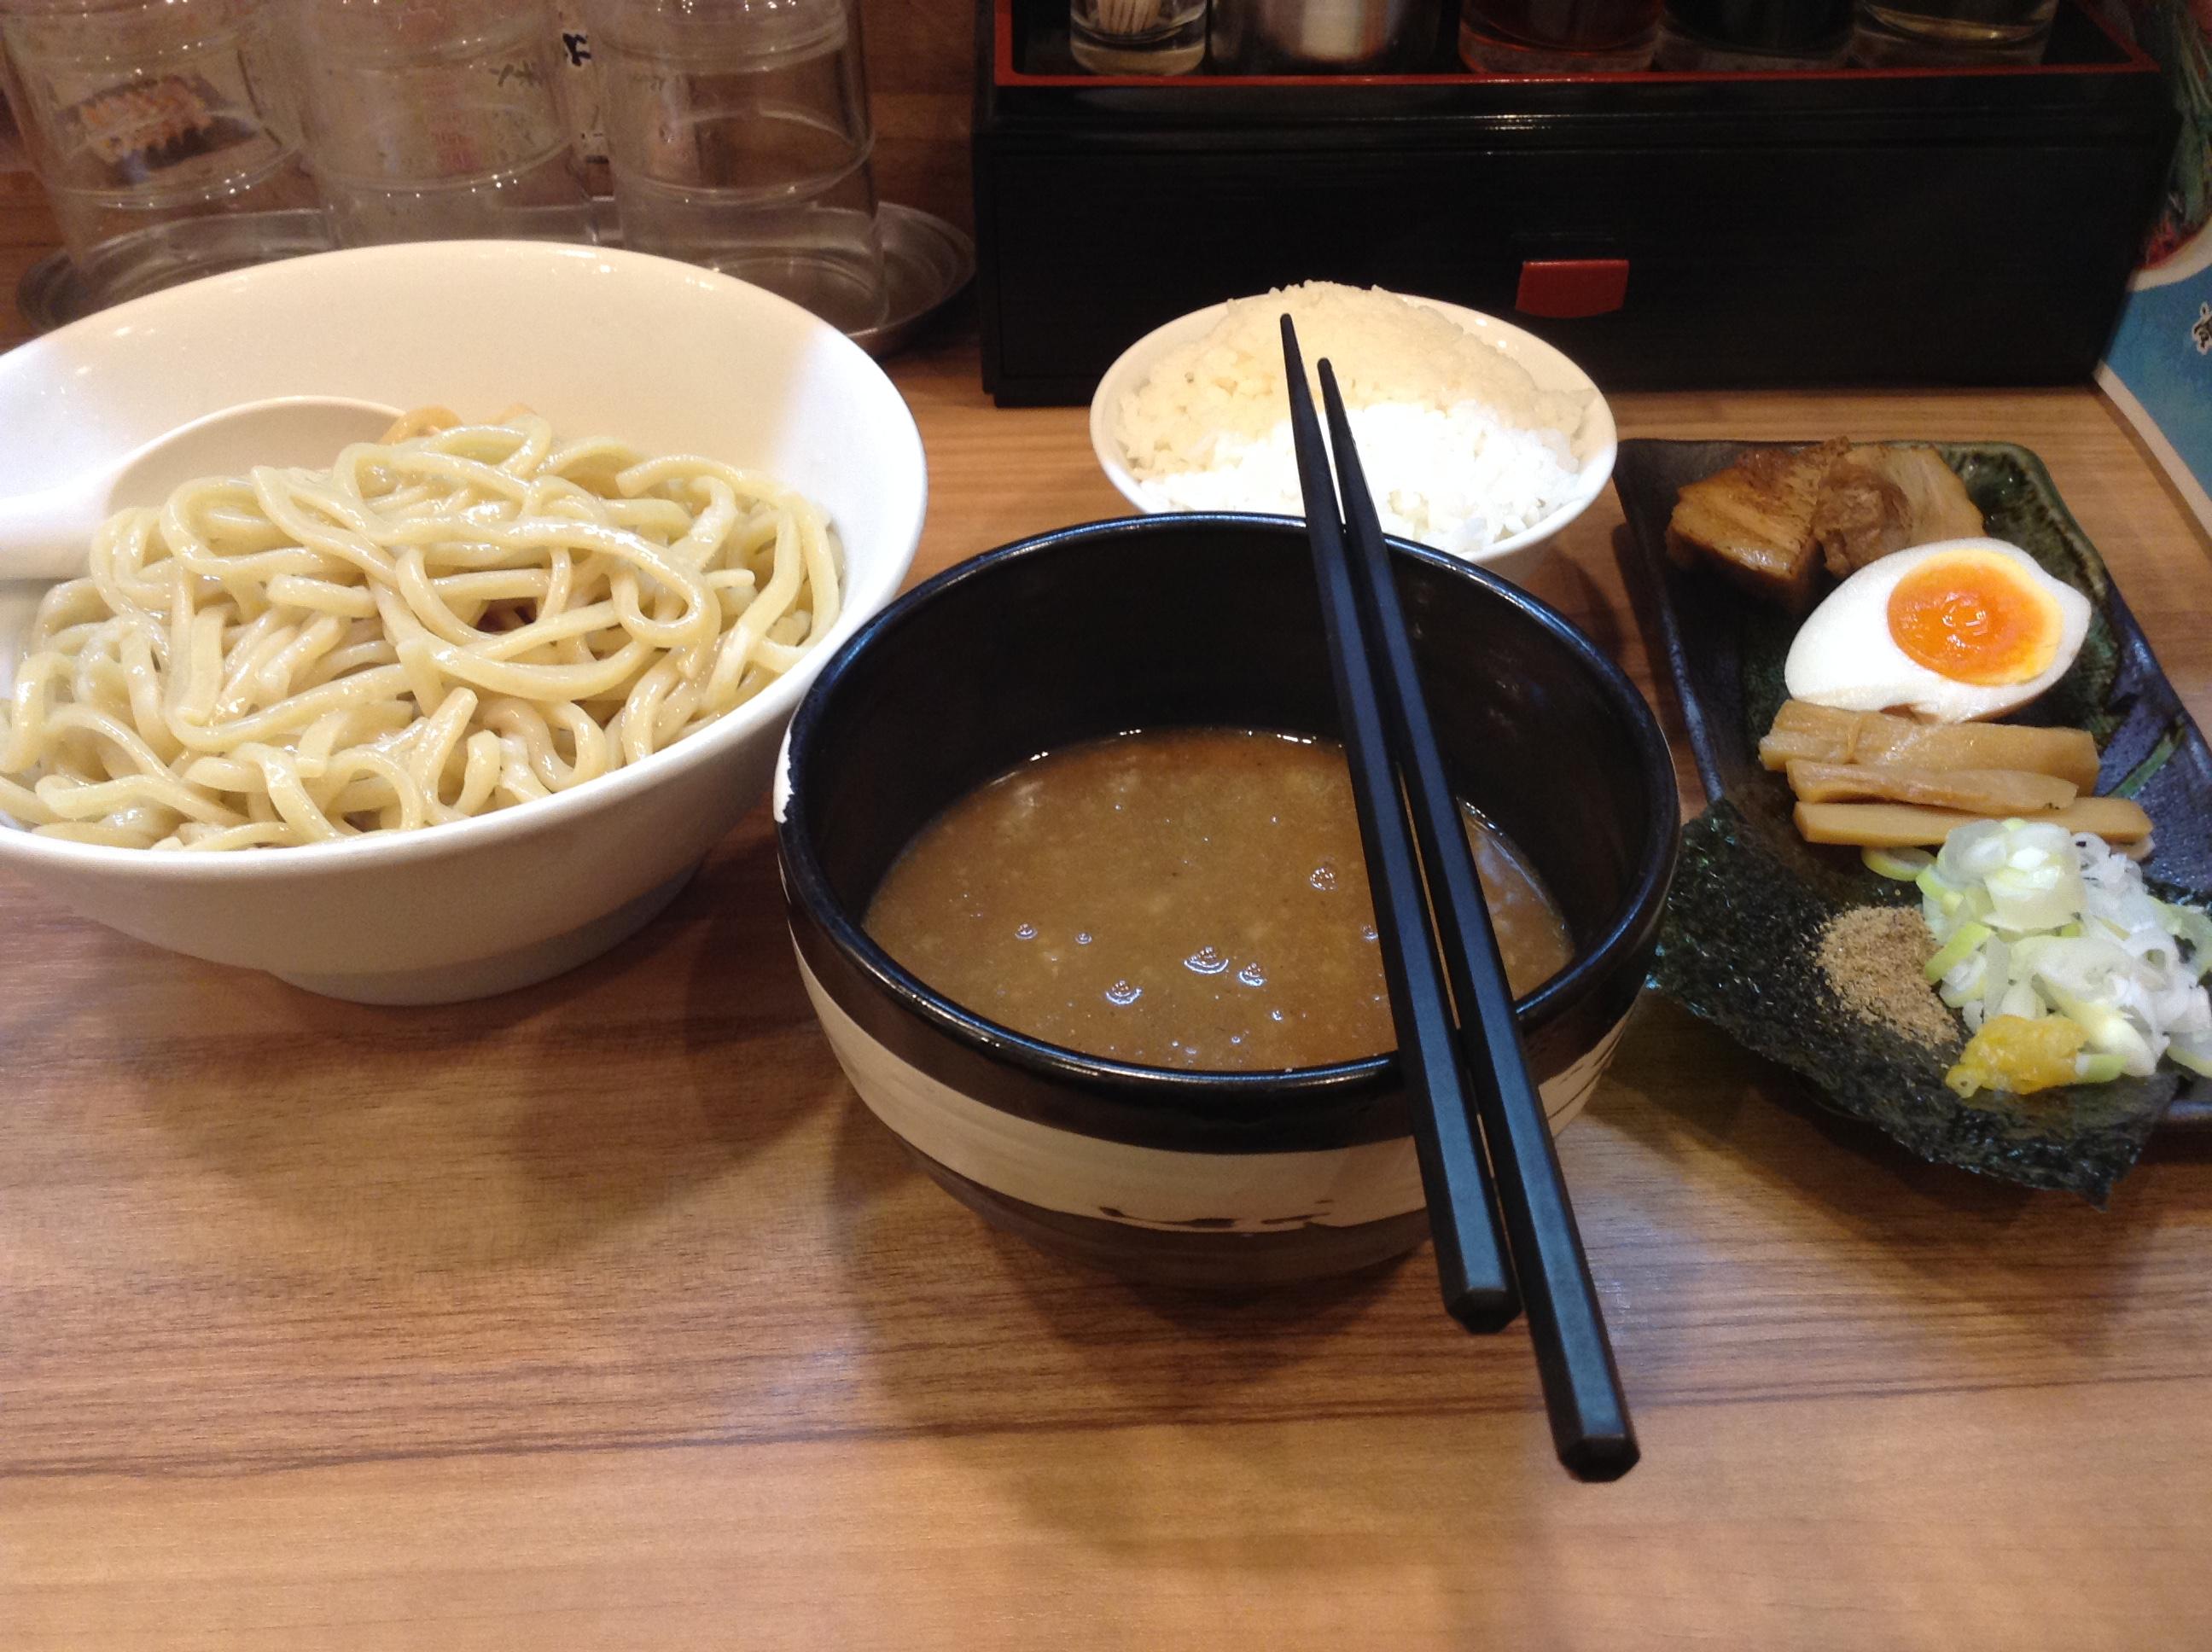 東京・品川区「横浜家系らーめん つけ麺・らーめん春樹」でつけ麺を食べた